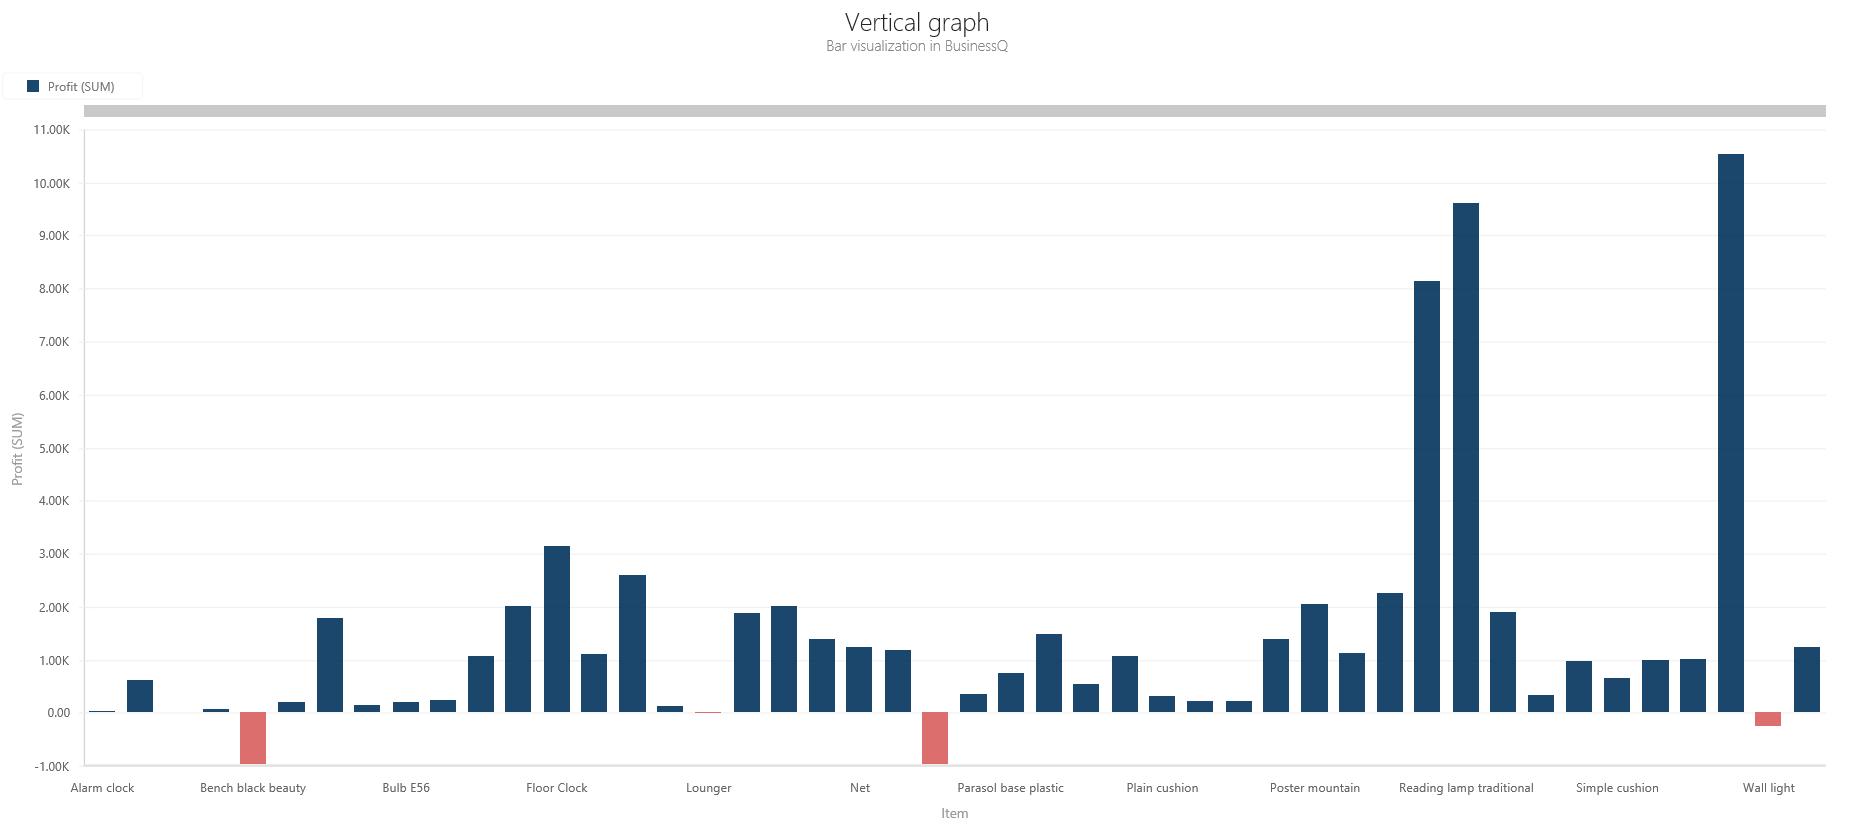 BQ_Vertical_graph_1_Vertical_Bar